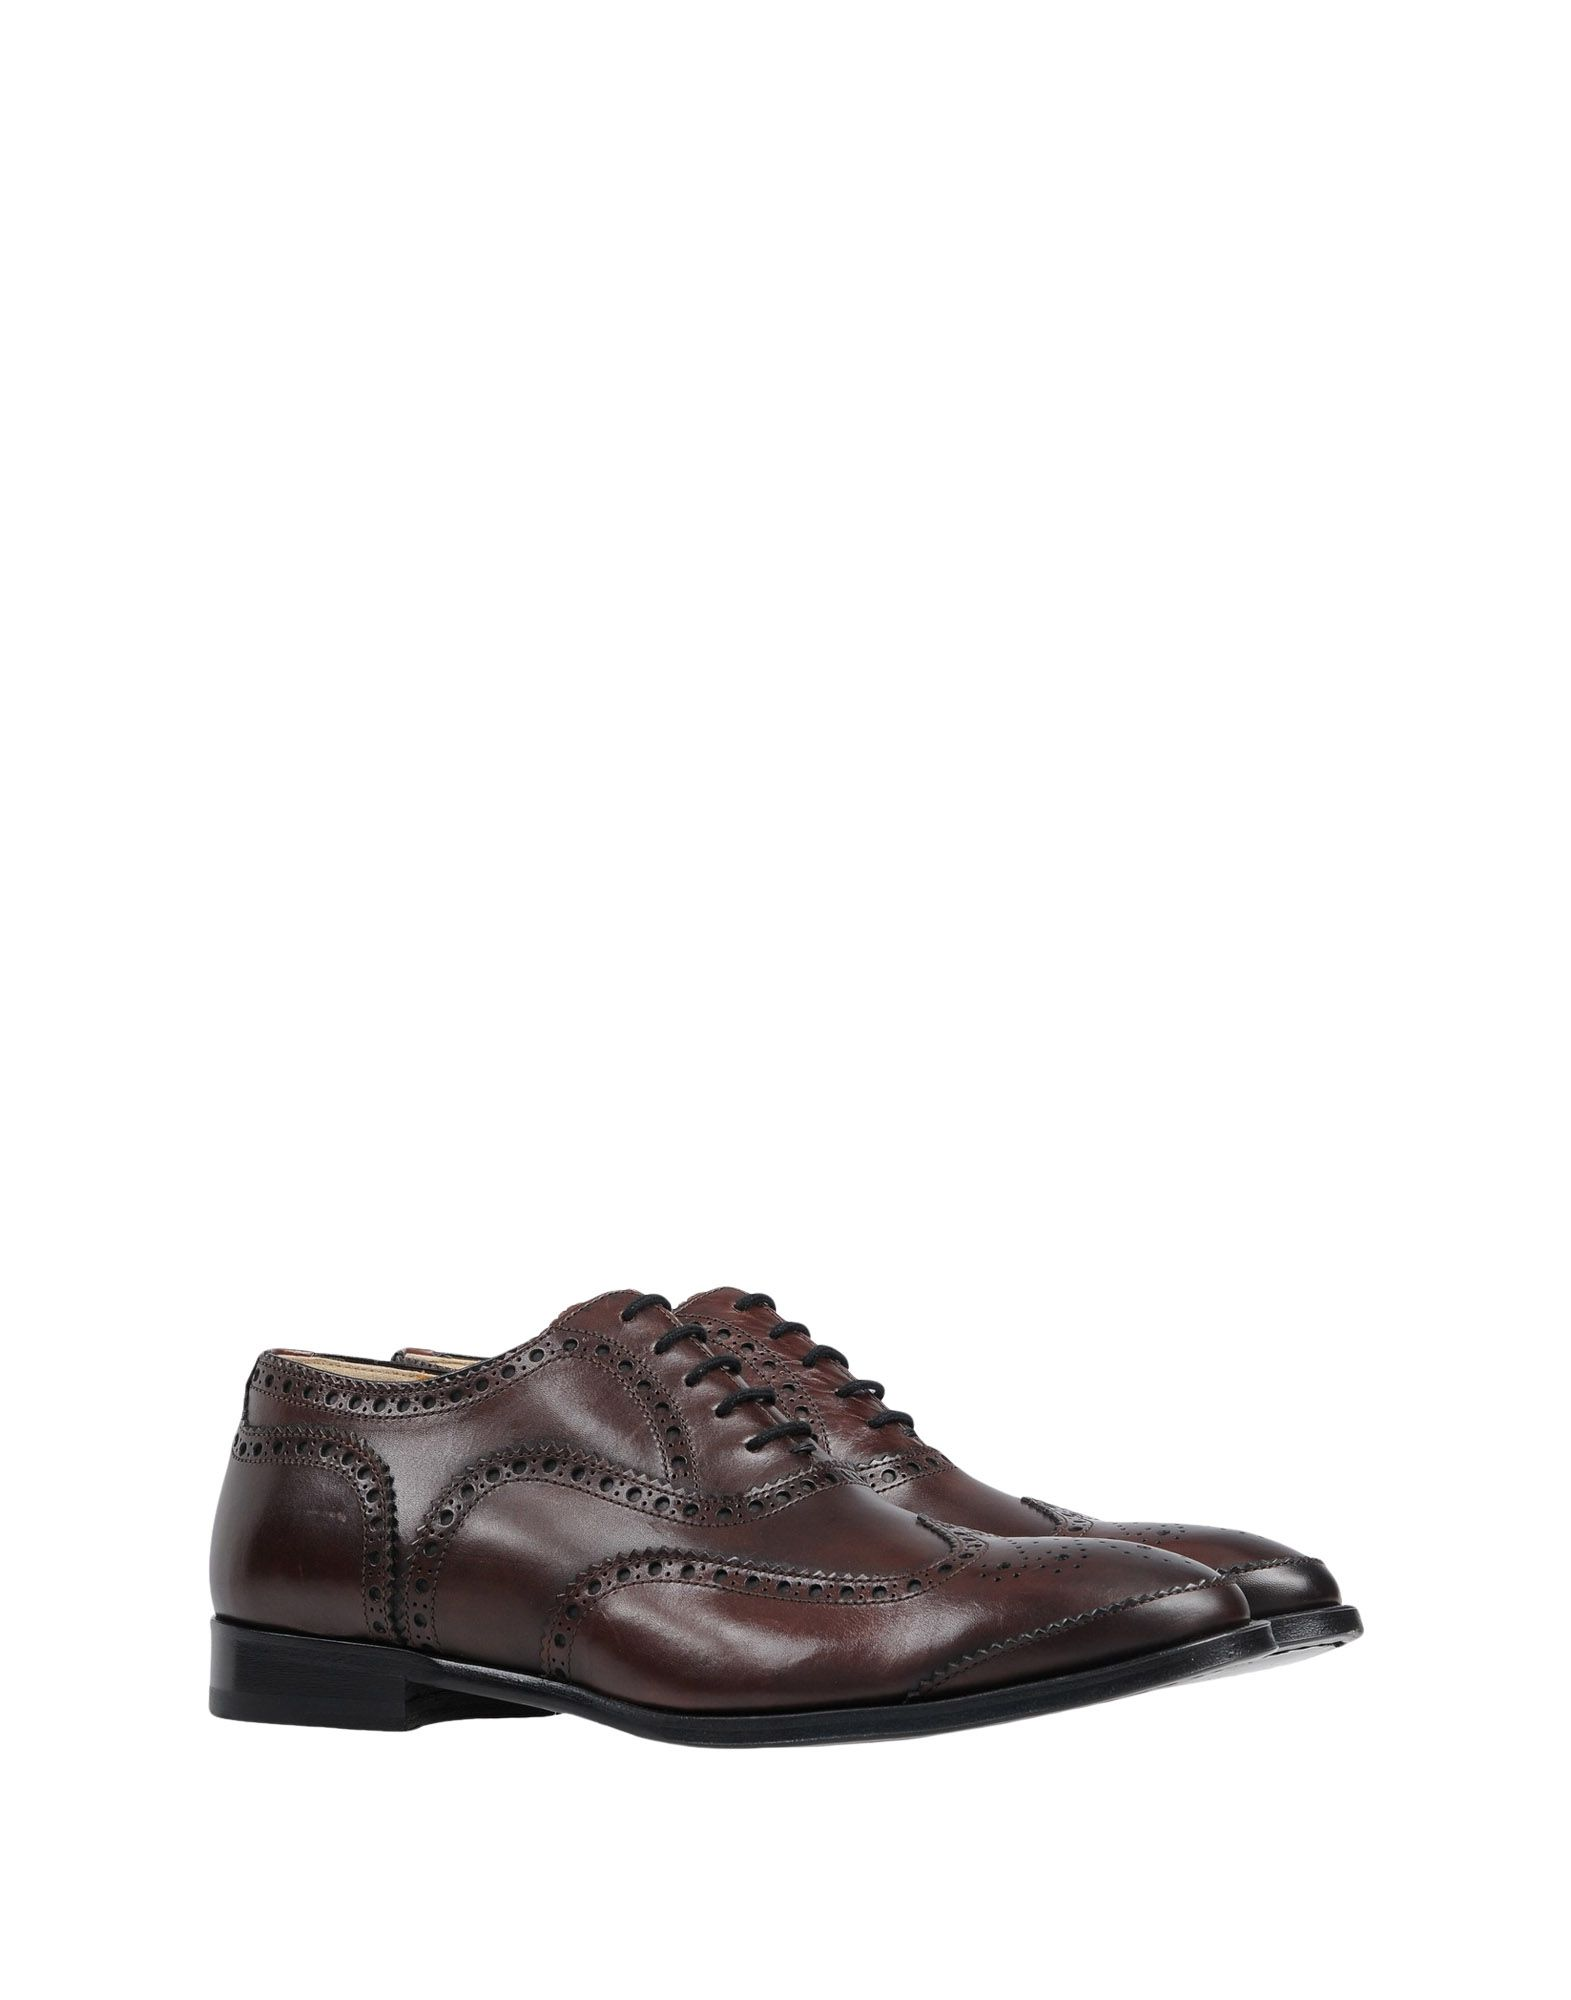 Alexander Mcqueen Schnürschuhe Herren beliebte  11500186JV Gute Qualität beliebte Herren Schuhe 6e1087